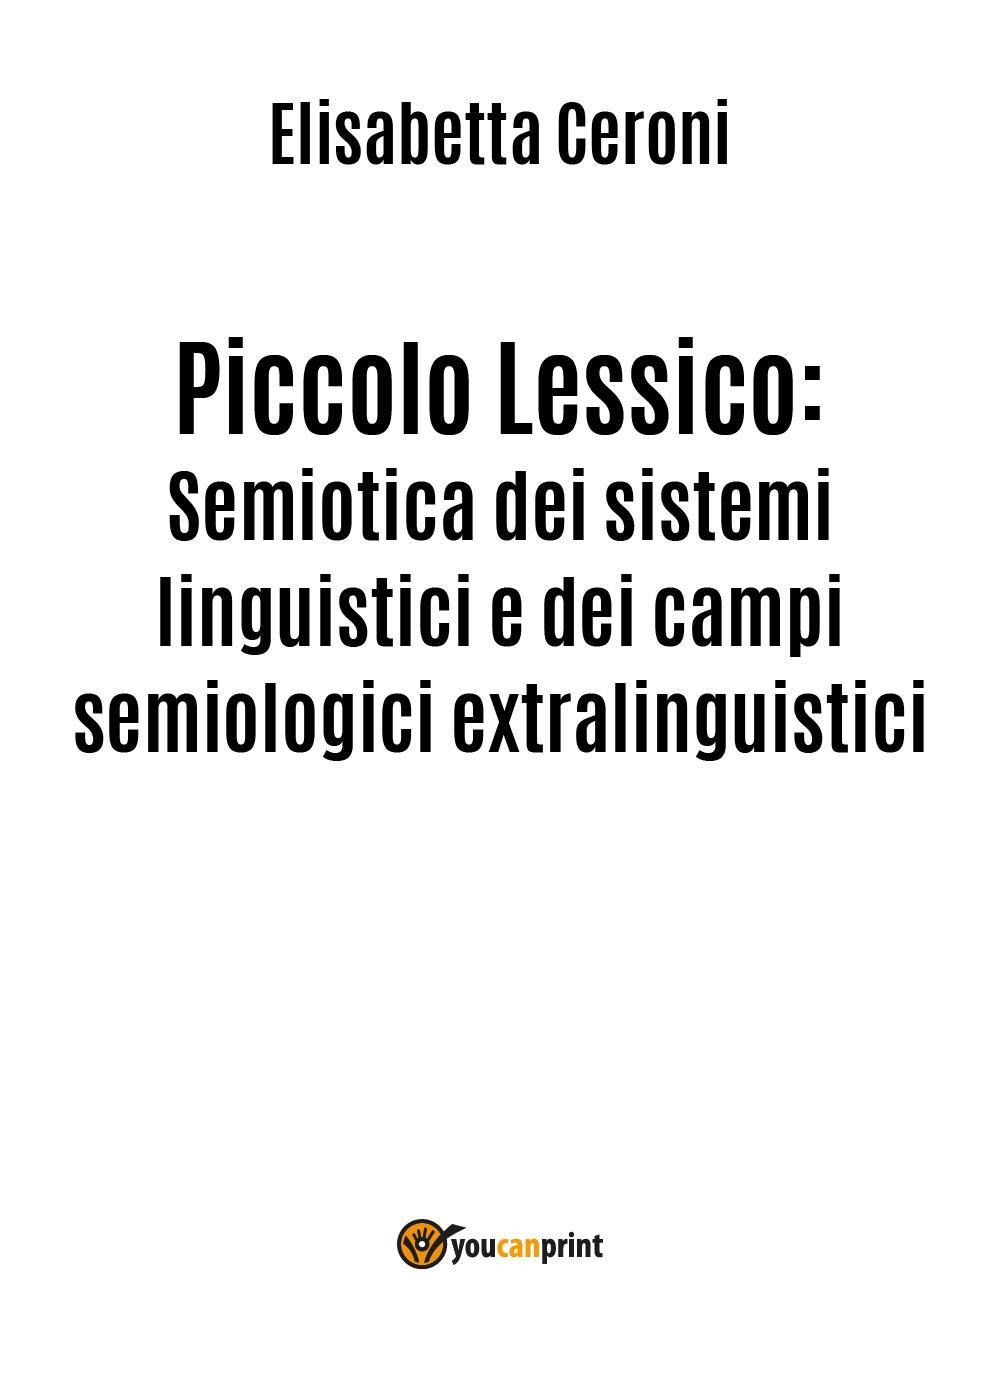 Piccolo Lessico: Semiotica dei sistemi linguistici e dei campi semiologici extralinguistici.